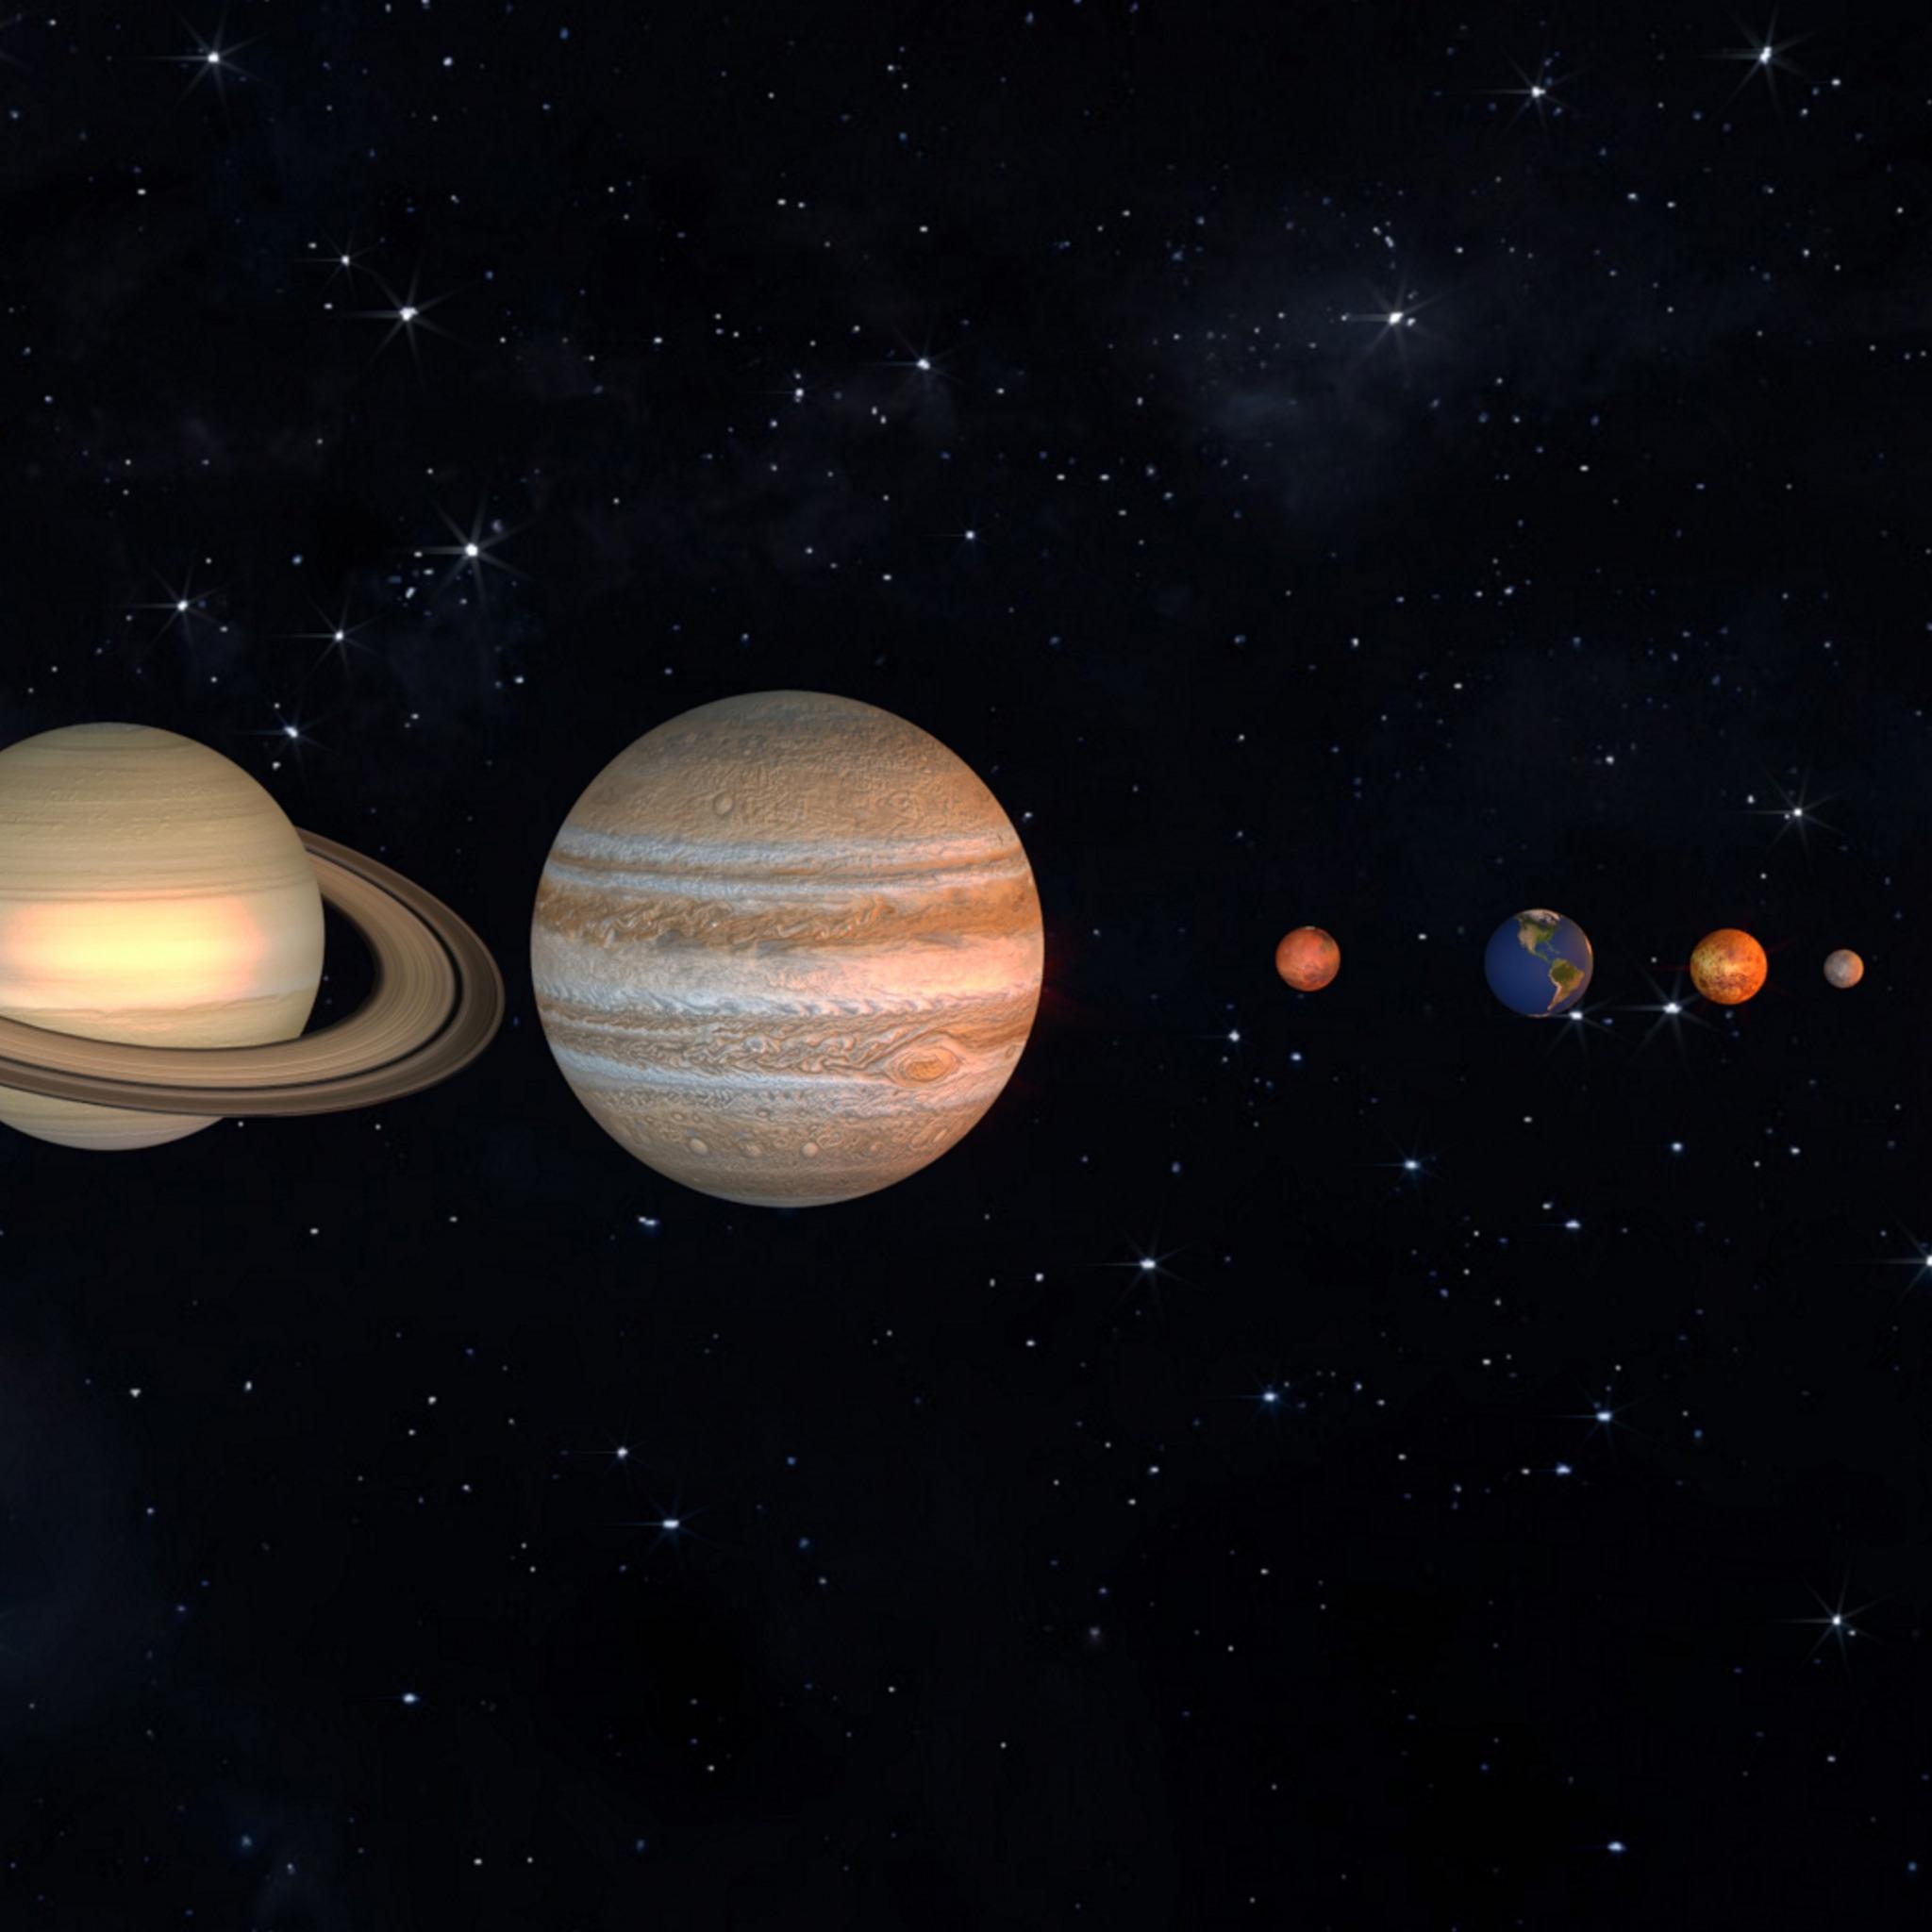 ибра самая большая планета солнечной системы фото обустройства, дизайн, освещение